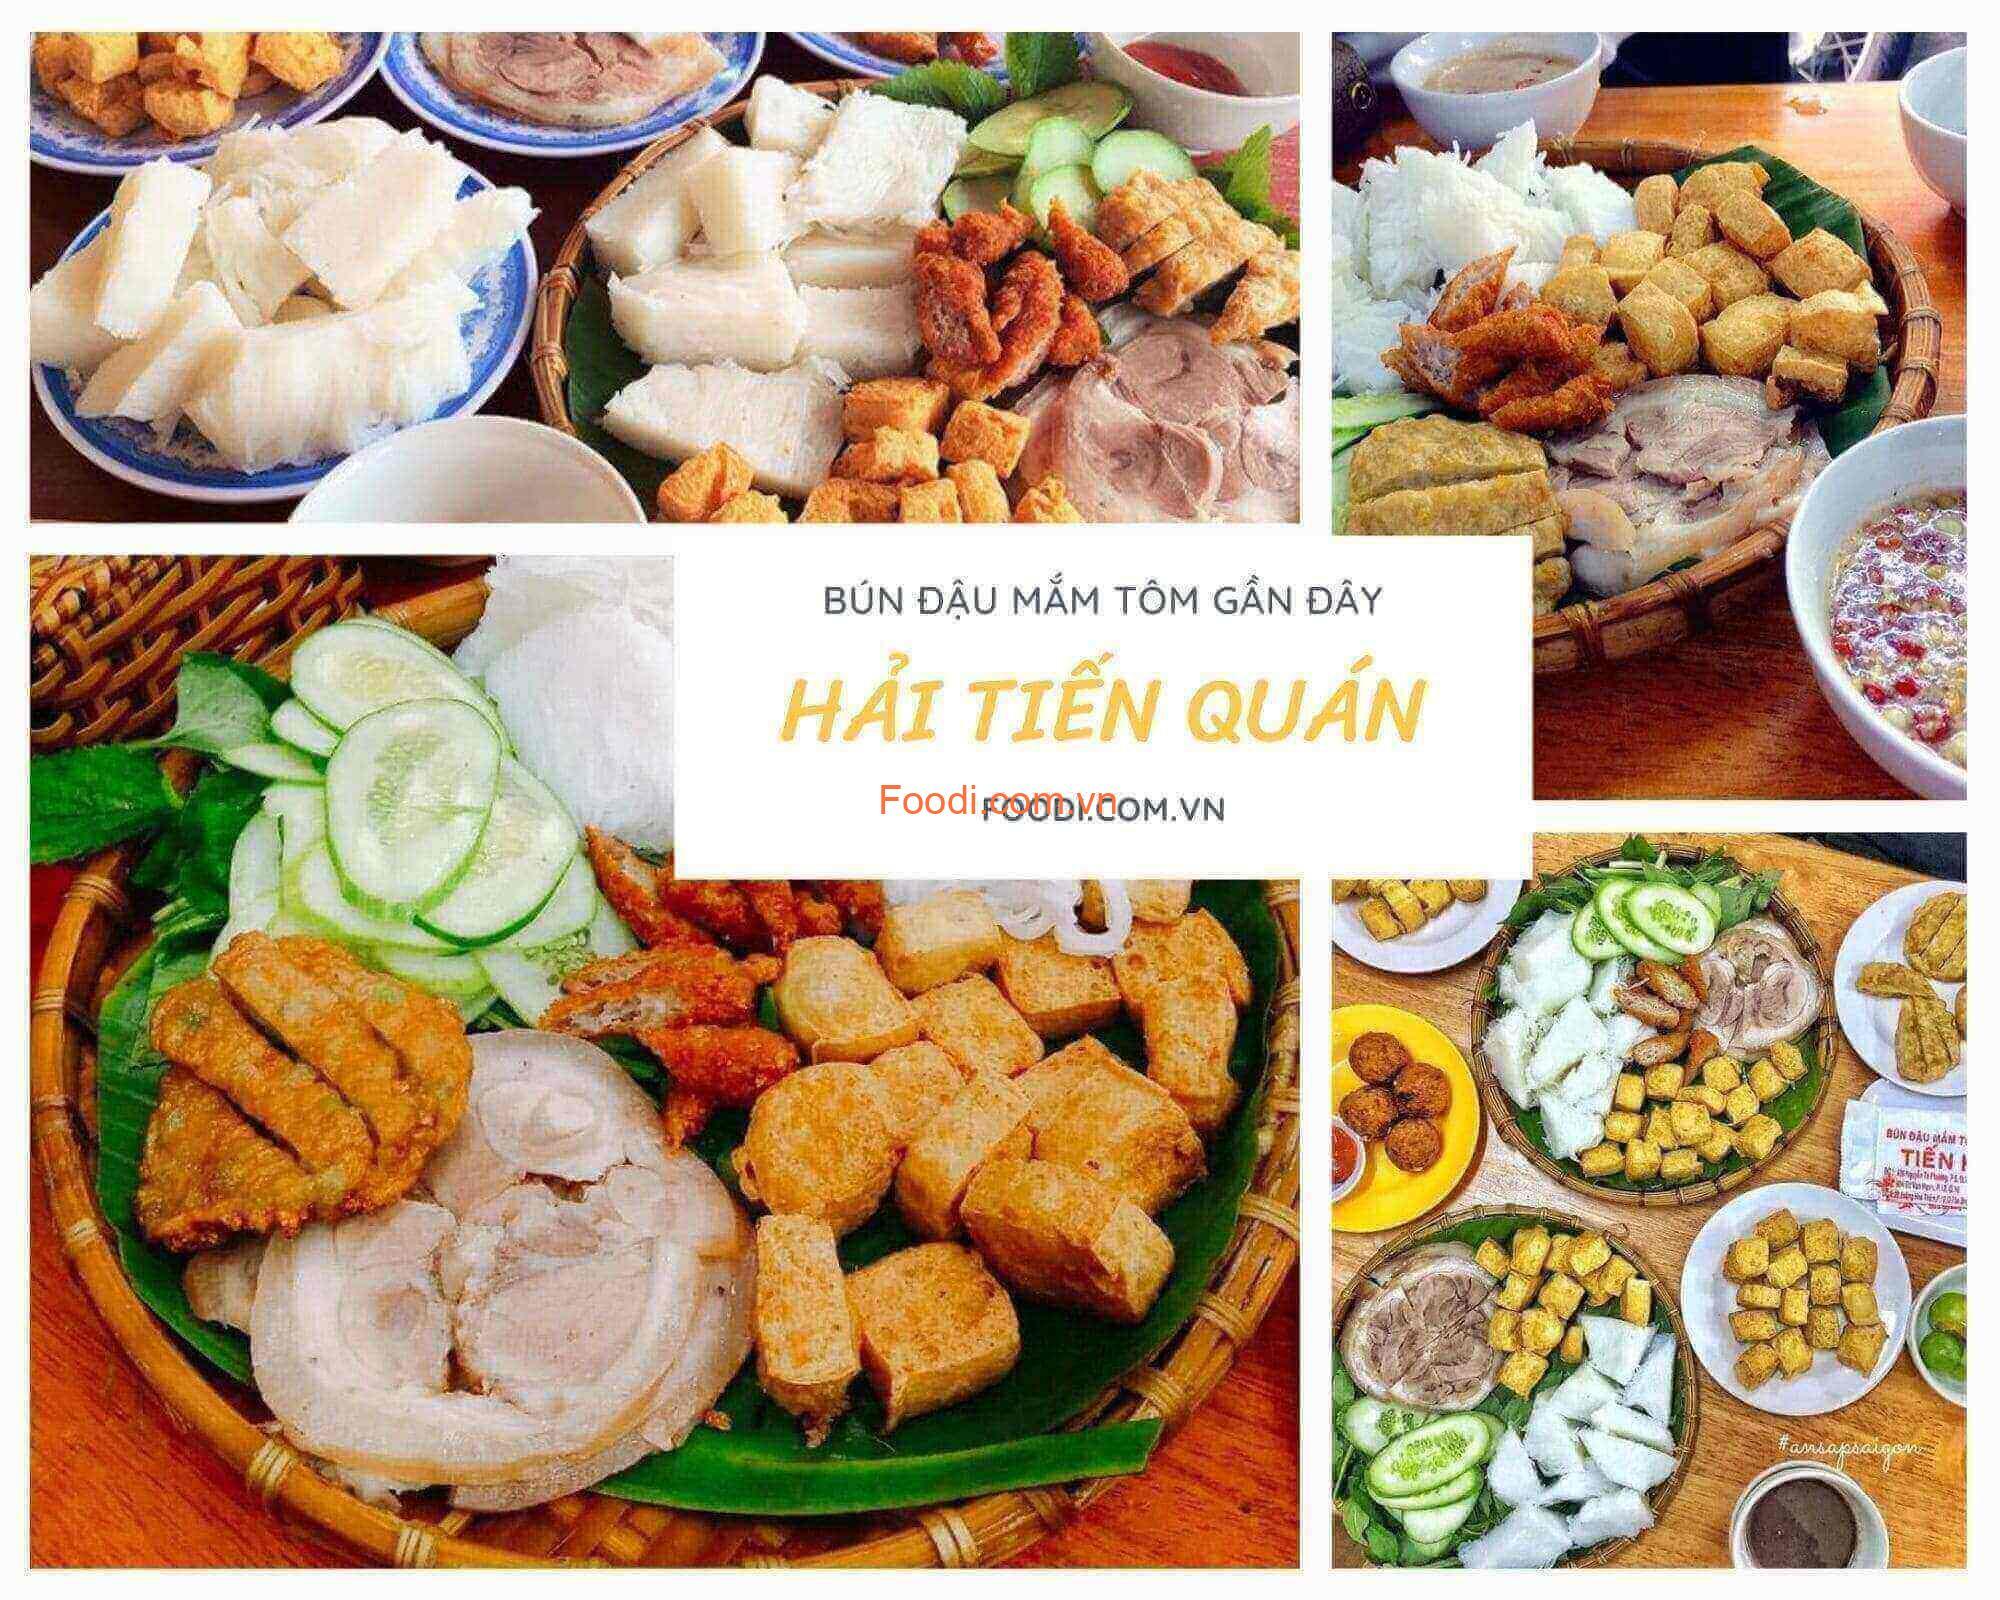 Top 20 Quán bún đậu mắm tôm gần đây ngon có tiếng ở Sài Gòn TPHCM